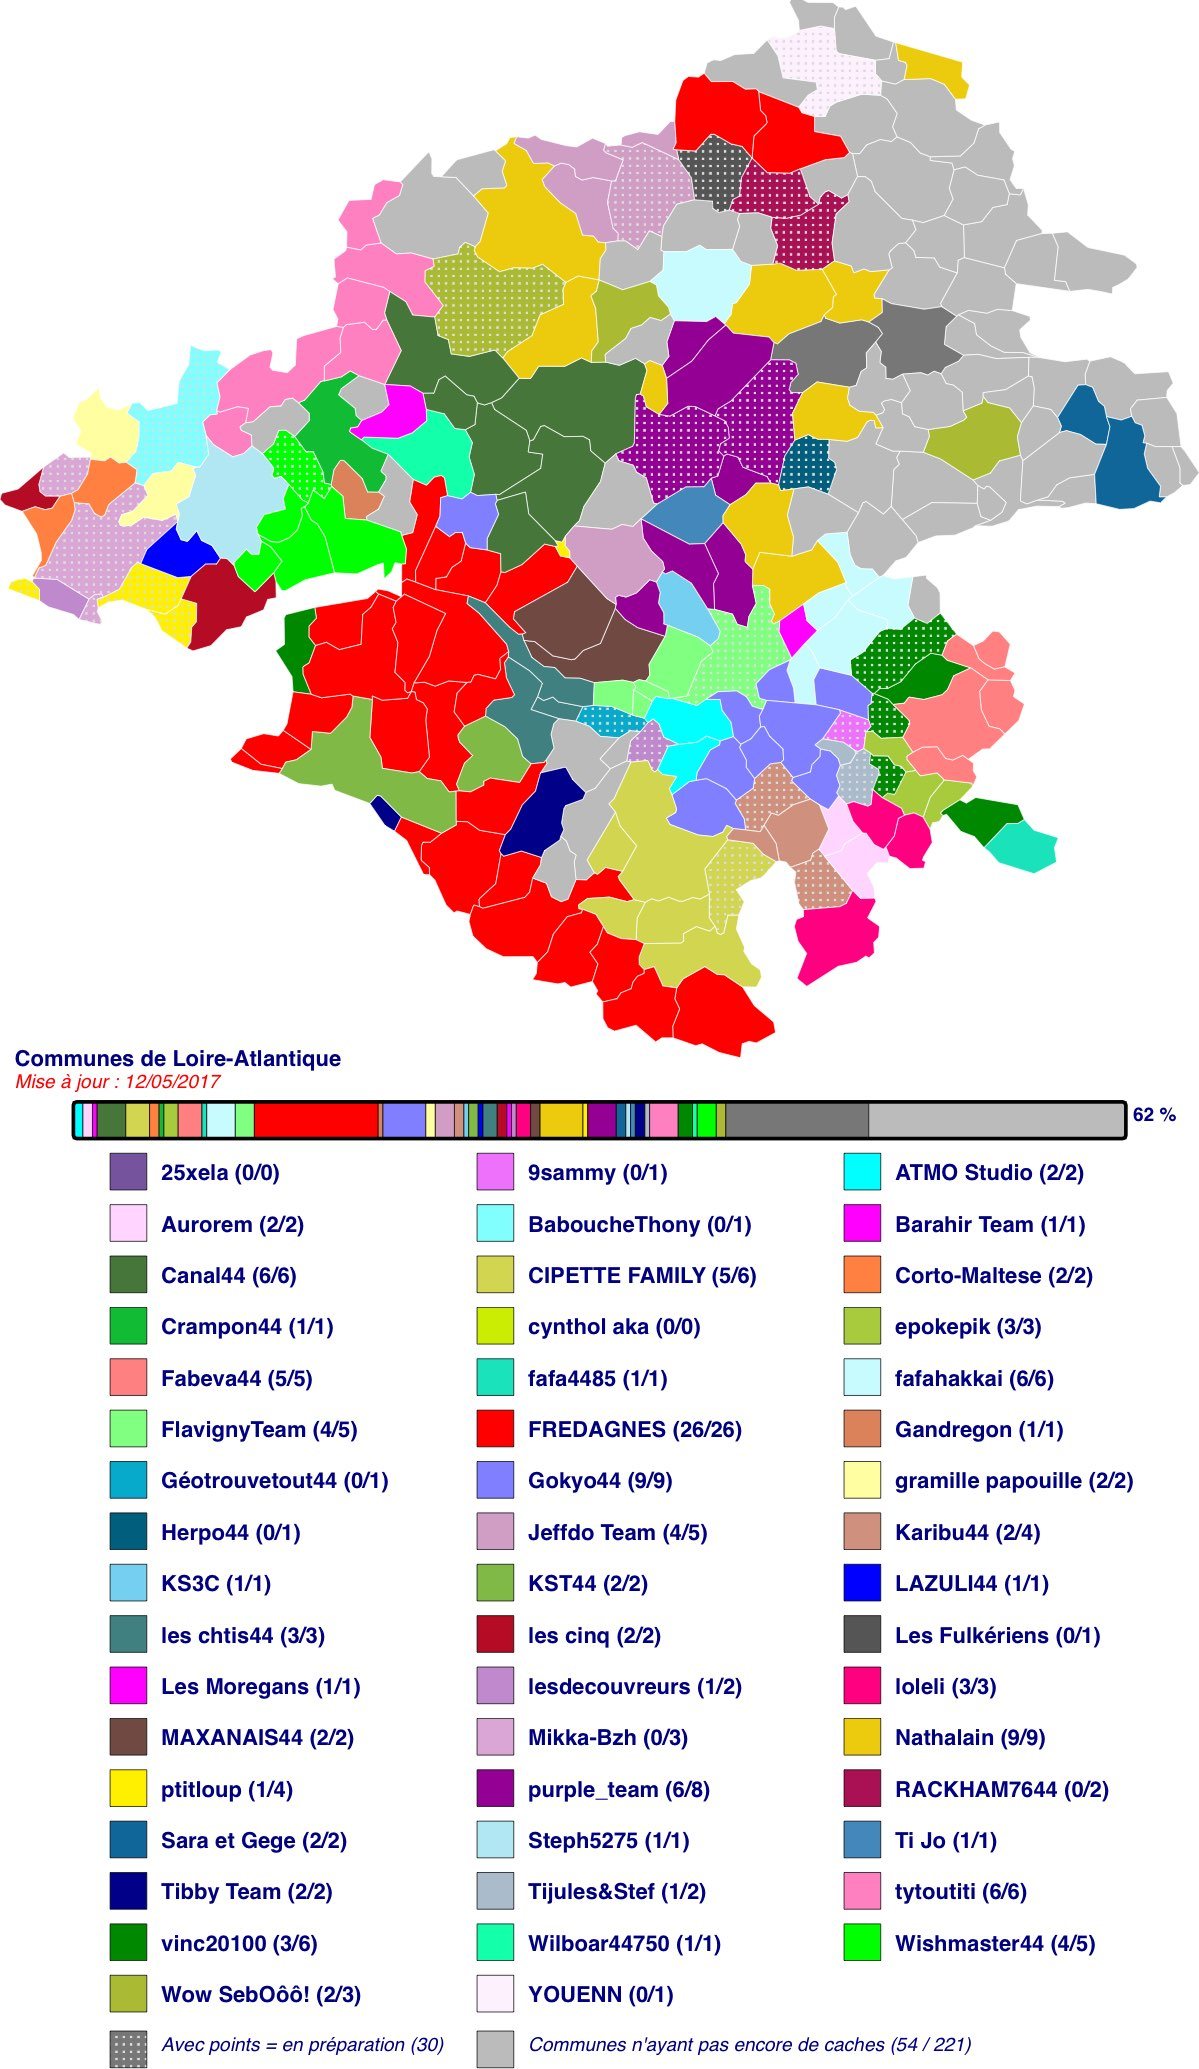 Carte des communes de Loire-Atlantique